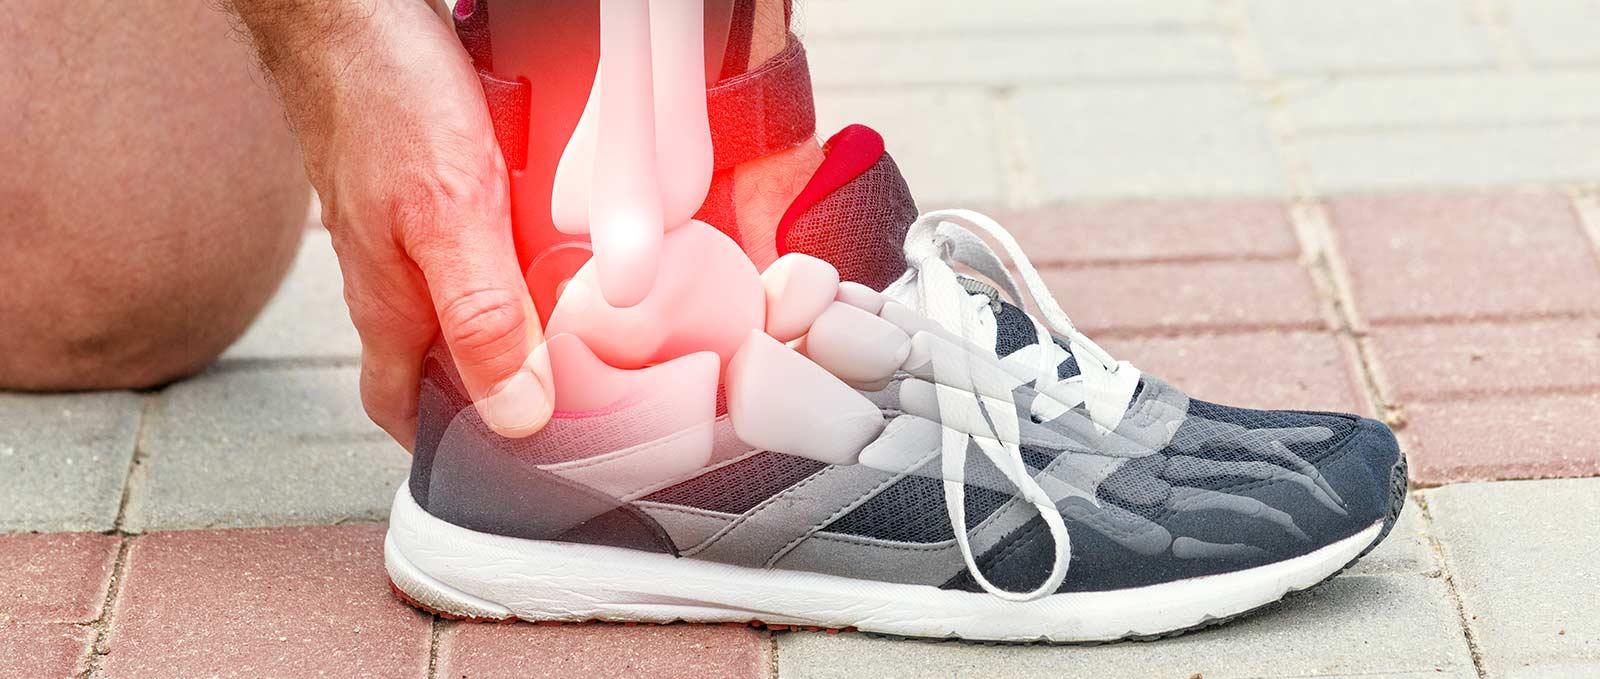 L'importanza del piede nello sport